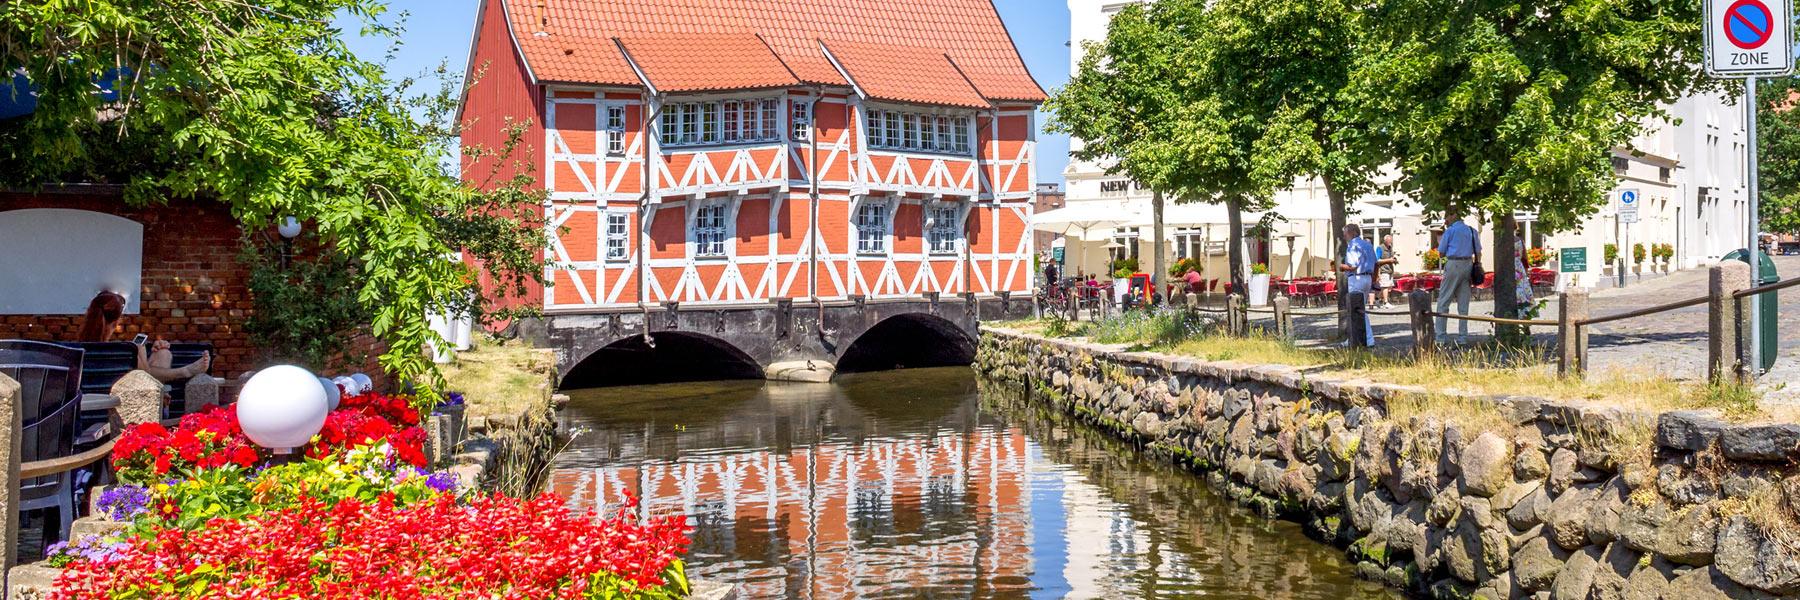 Schabbellhaus - Hansestadt Wismar